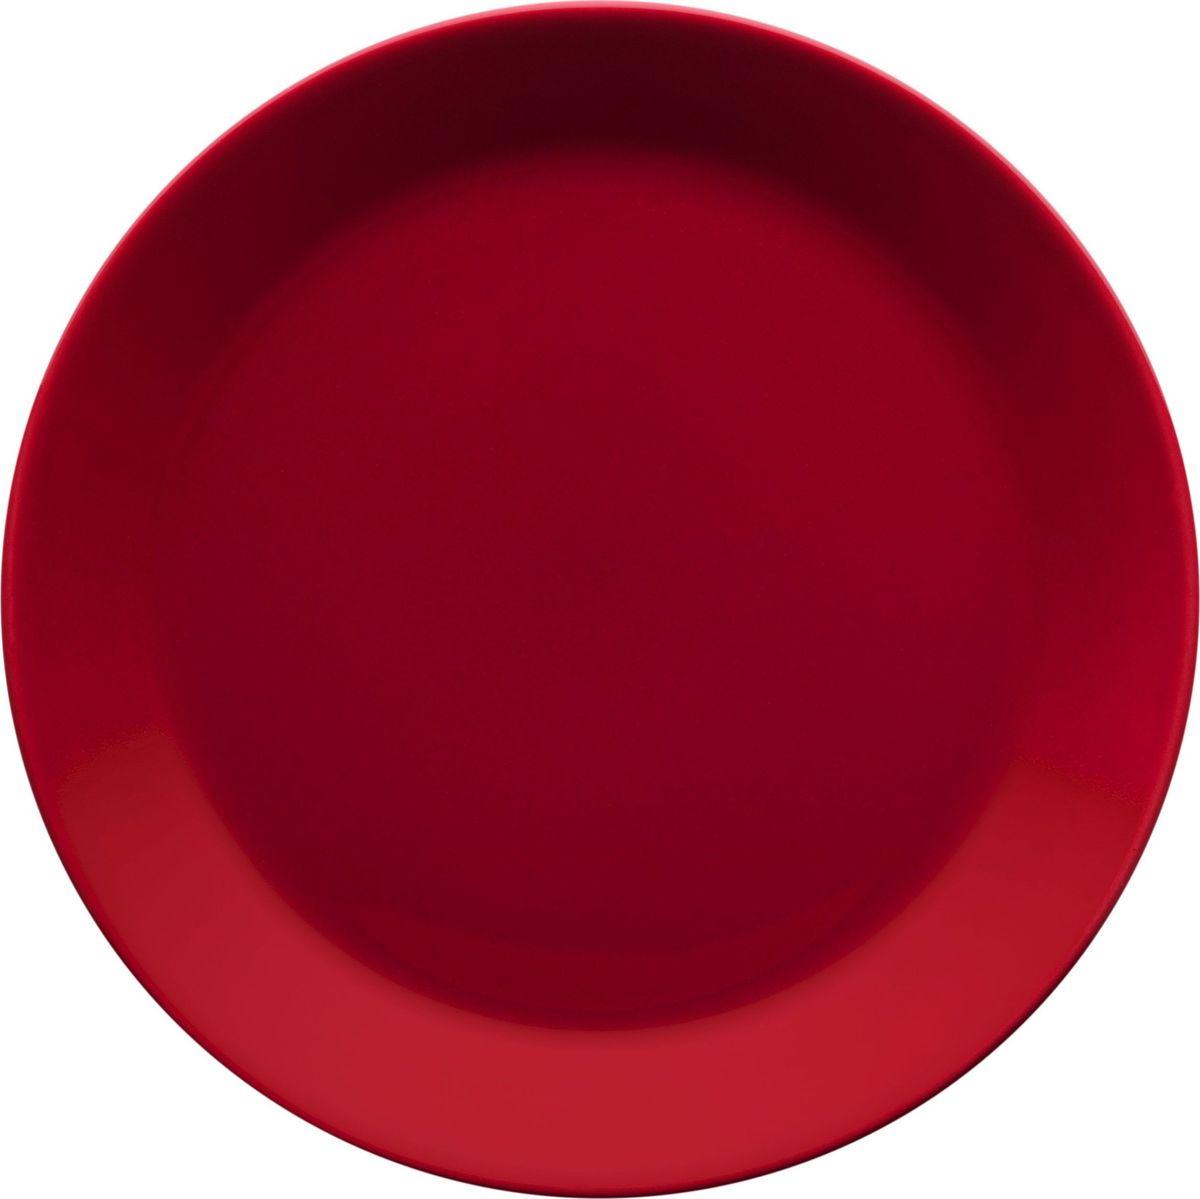 Тарелка Iittala Teema, цвет: красный, диаметр 21 см1006009Тарелка Iittala Teema выполнена из качественного жароустойчивого прочногофарфора с долговечным стекловидным эмалевым покрытием.Можно мыть в посудомоечной машине. Диаметр: 21 см.